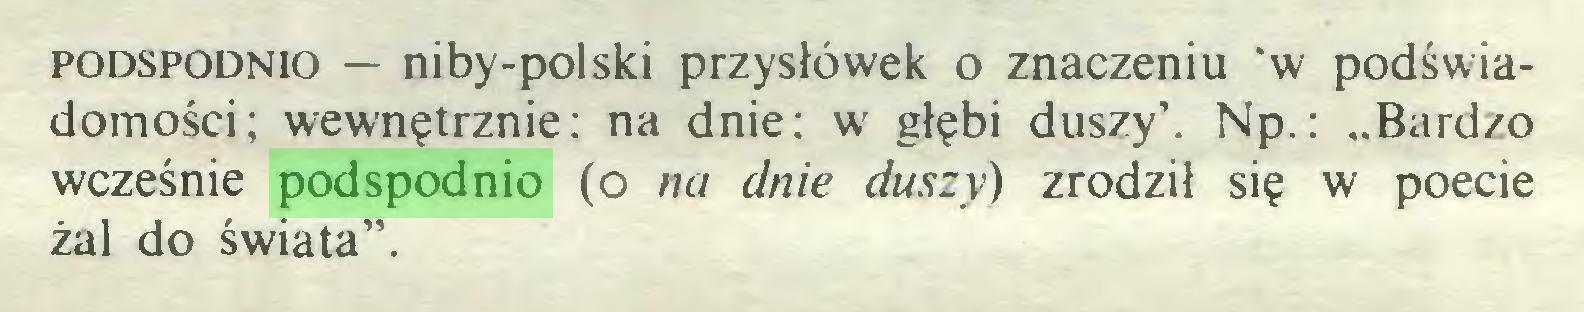 """(...) podspodnio — niby-polski przysłówek o znaczeniu 'w podświadomości; wewnętrznie: na dnie: w głębi duszy'. Np.: """"Bardzo wcześnie podspodnio (o na dnie duszy) zrodził się w poecie żal do świata""""..."""